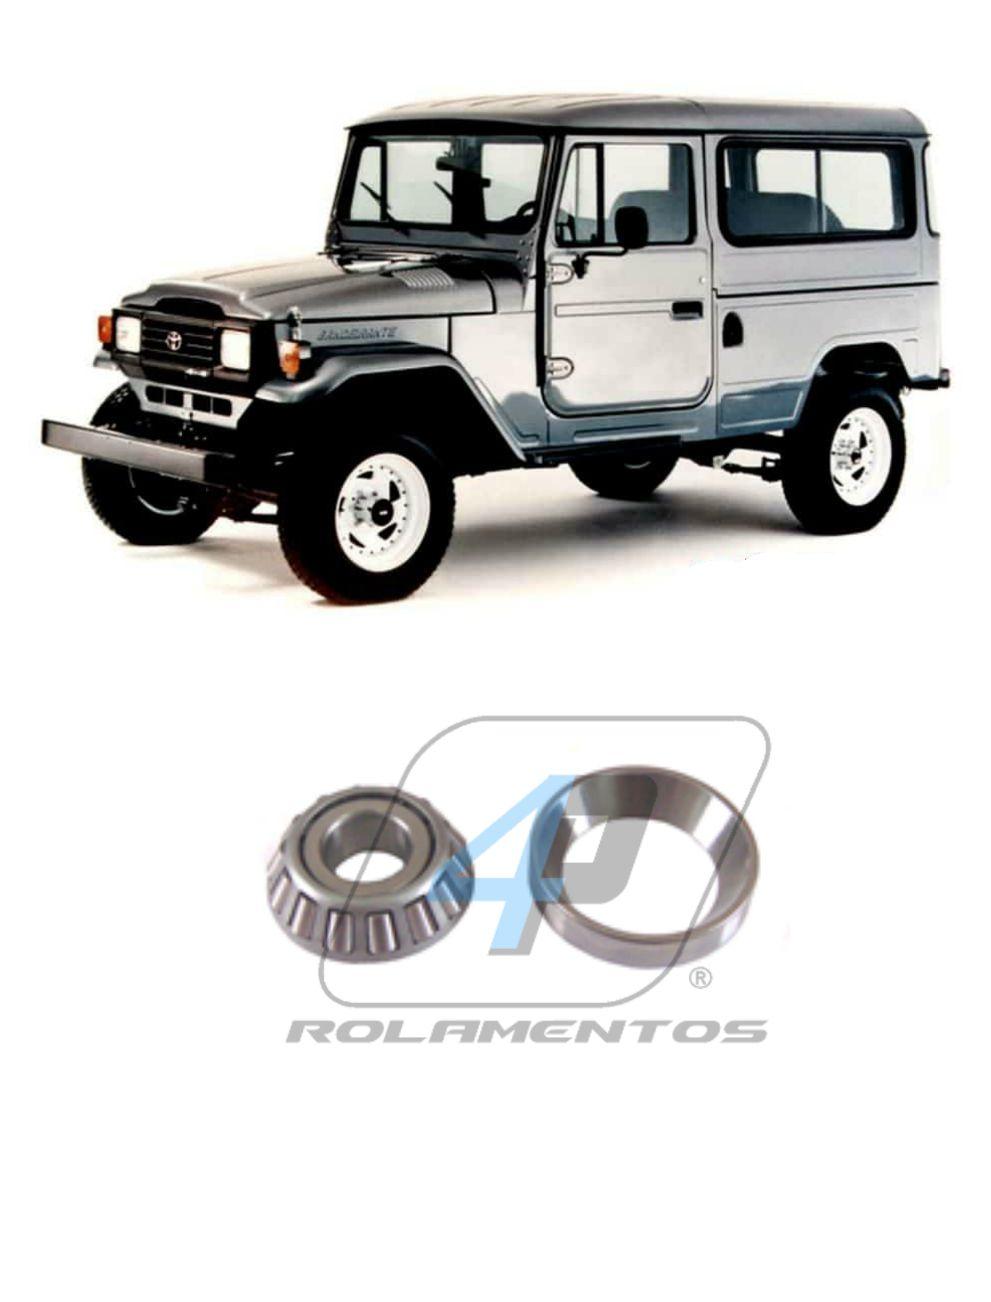 Rolamento Munhao Toyota Bandeirante 1958 até 2001